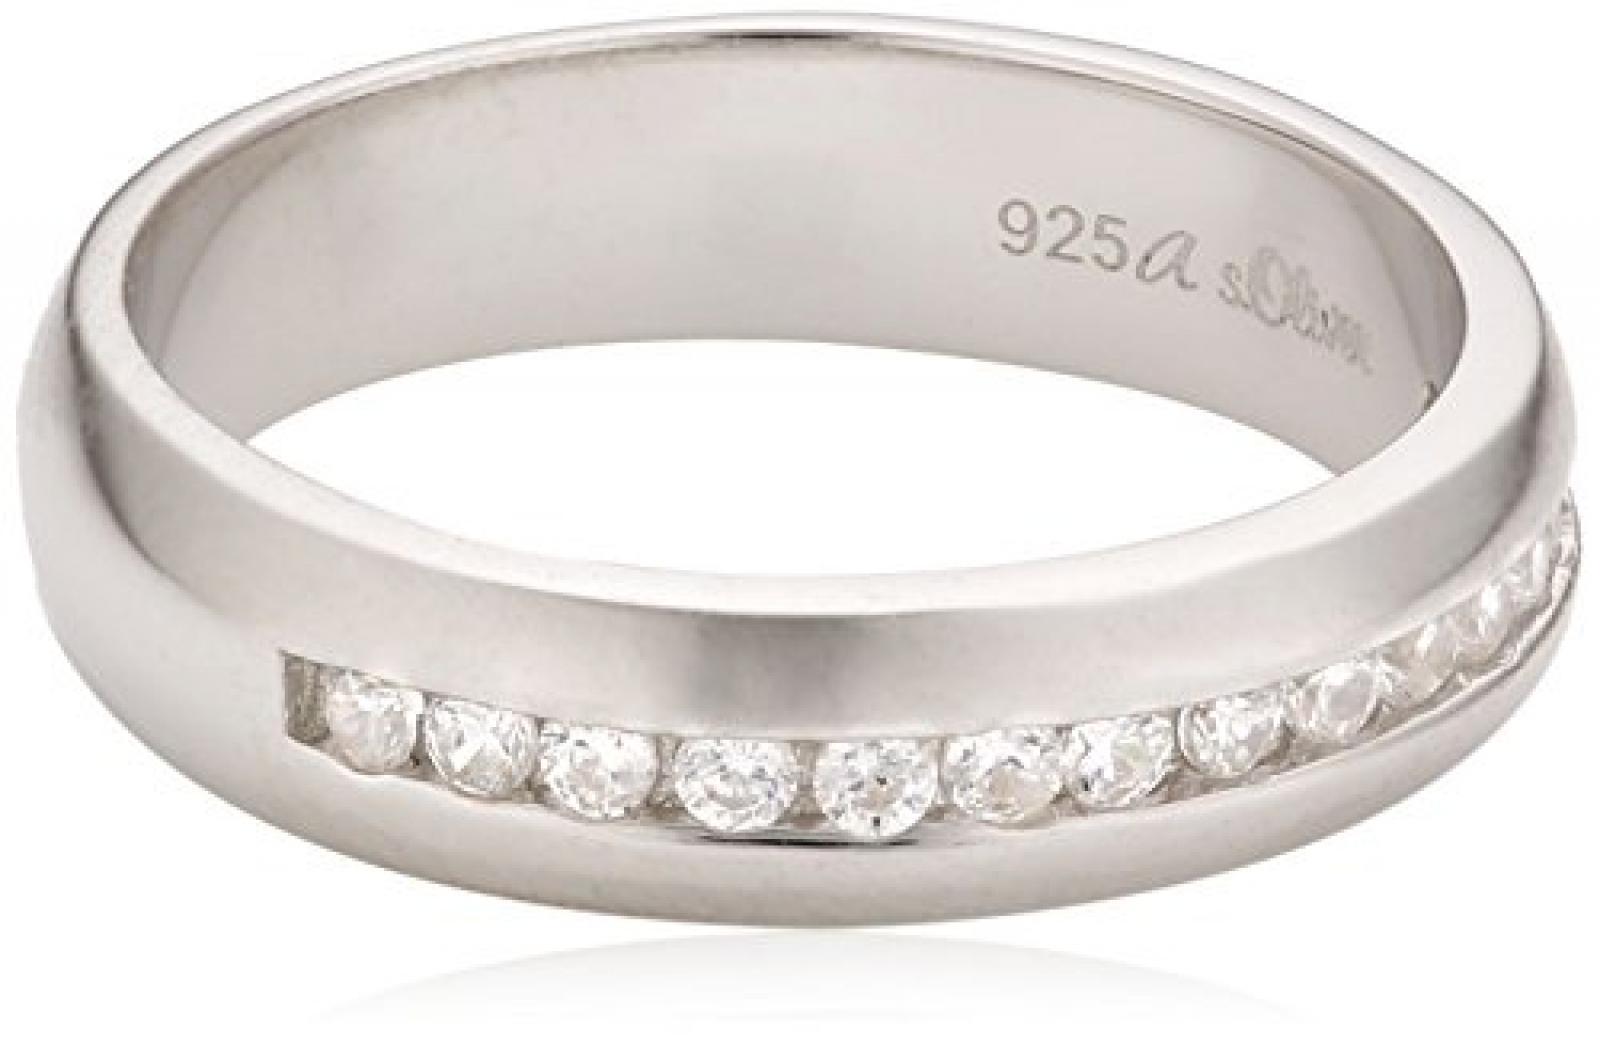 s.Oliver Damen-Ring Silber 925  Gr.54 400879